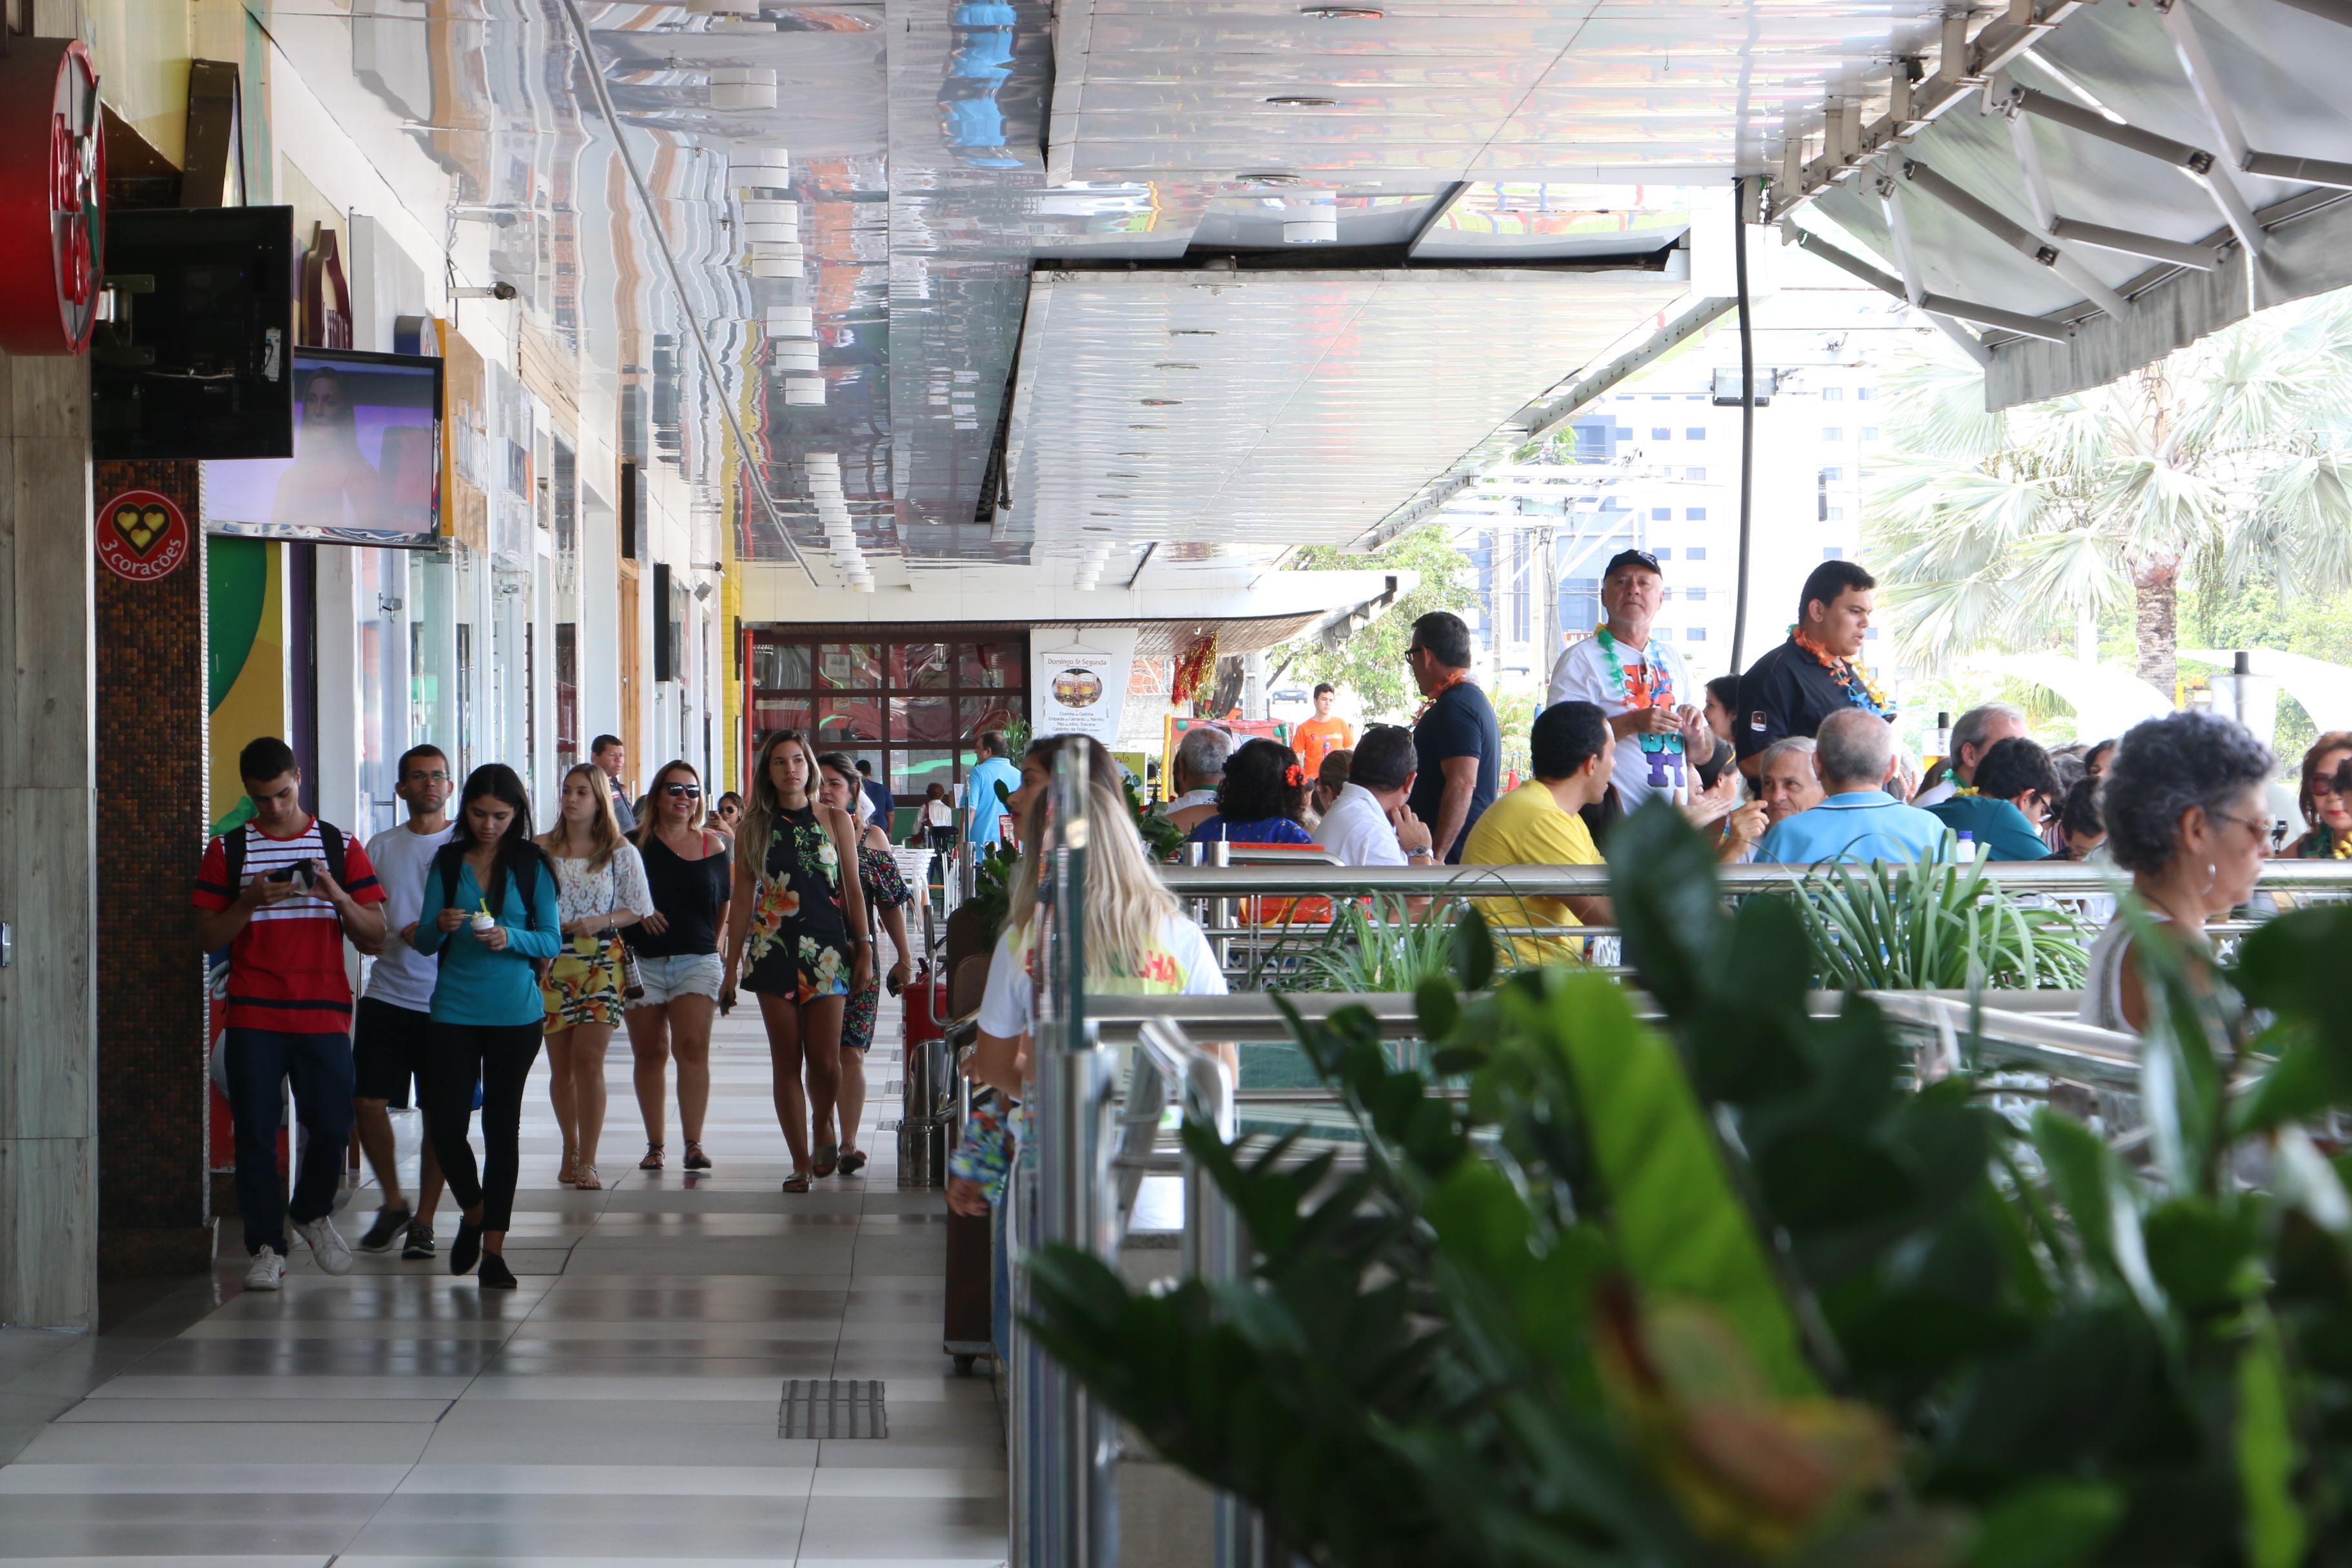 aaf169895e9 Passeio gastronômico pelo Shopping Cidade Jardim